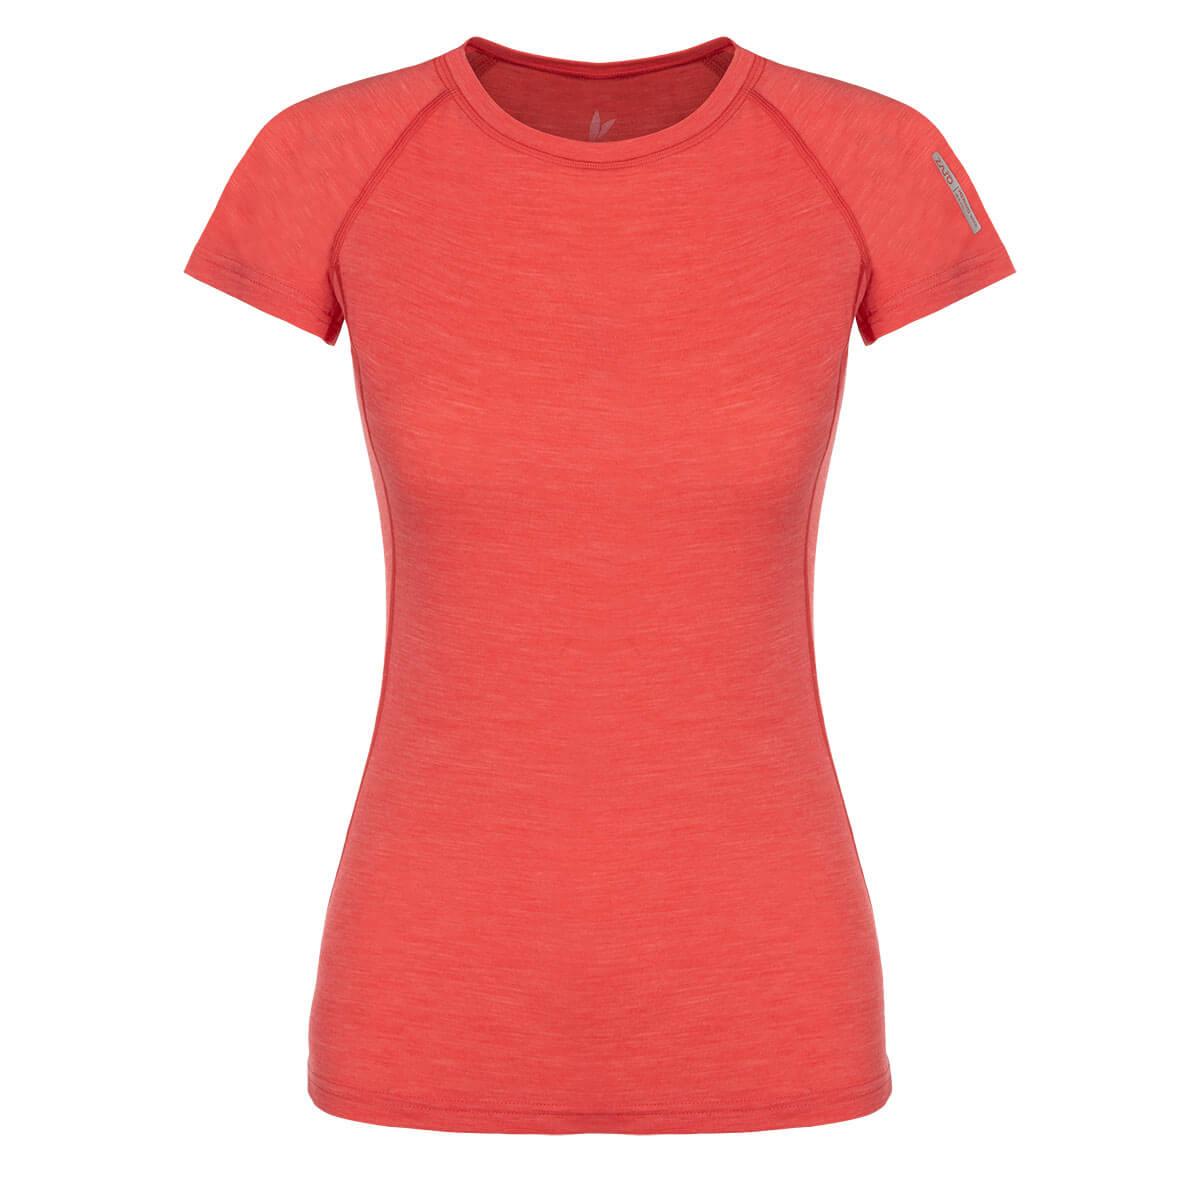 Dámske tričko Zajo Elsa Merino Nylon T-shirt SS Coral - veľkosť XS